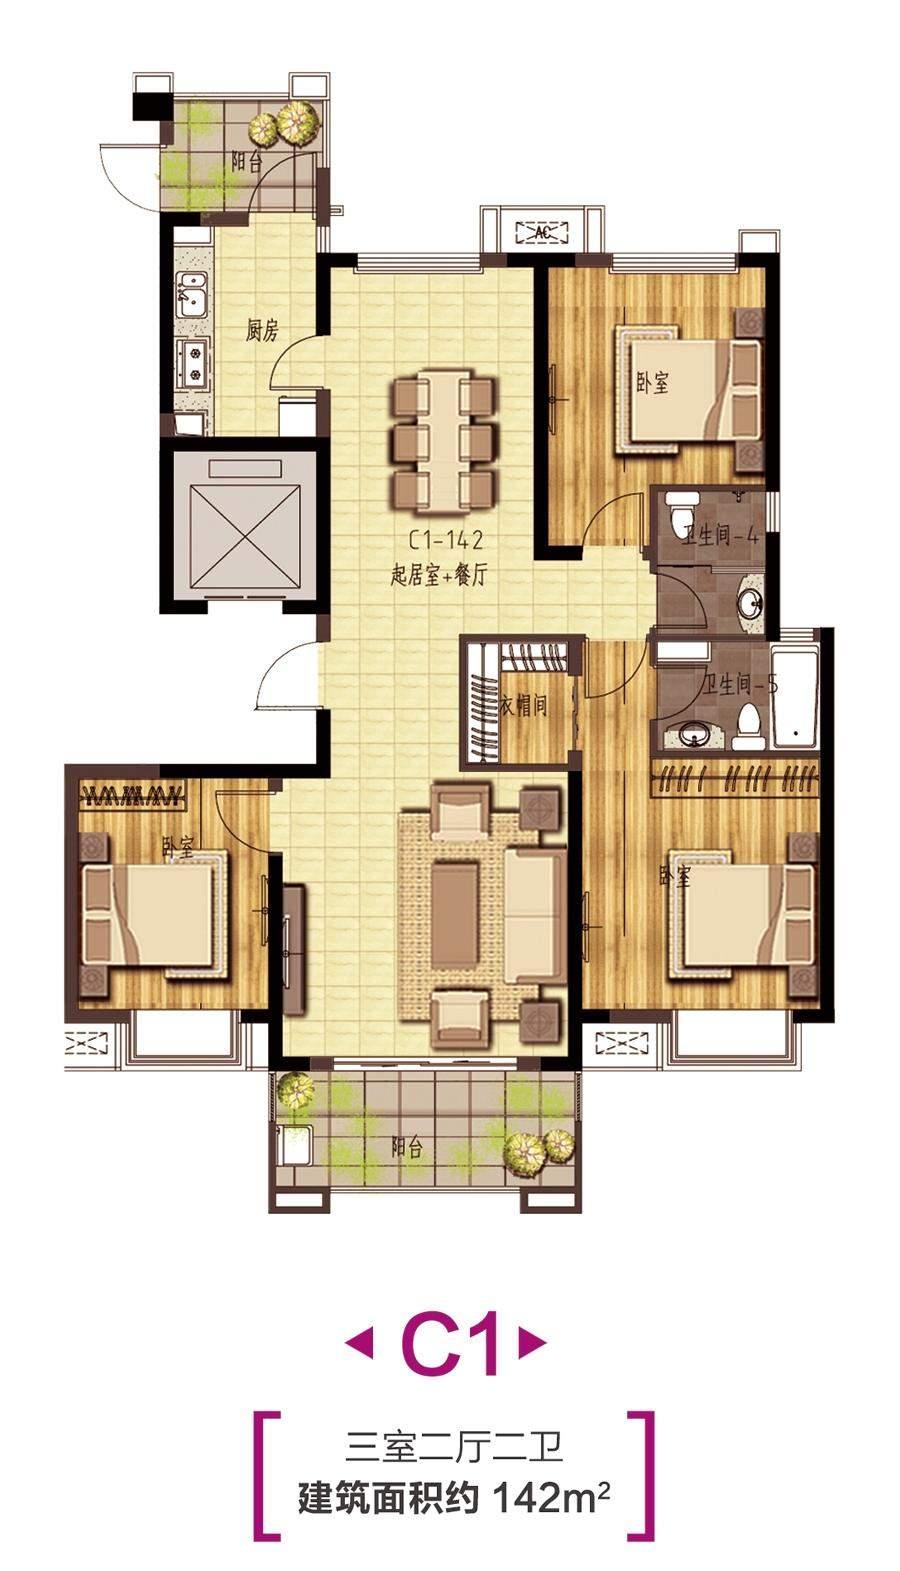 住宅C1户型图